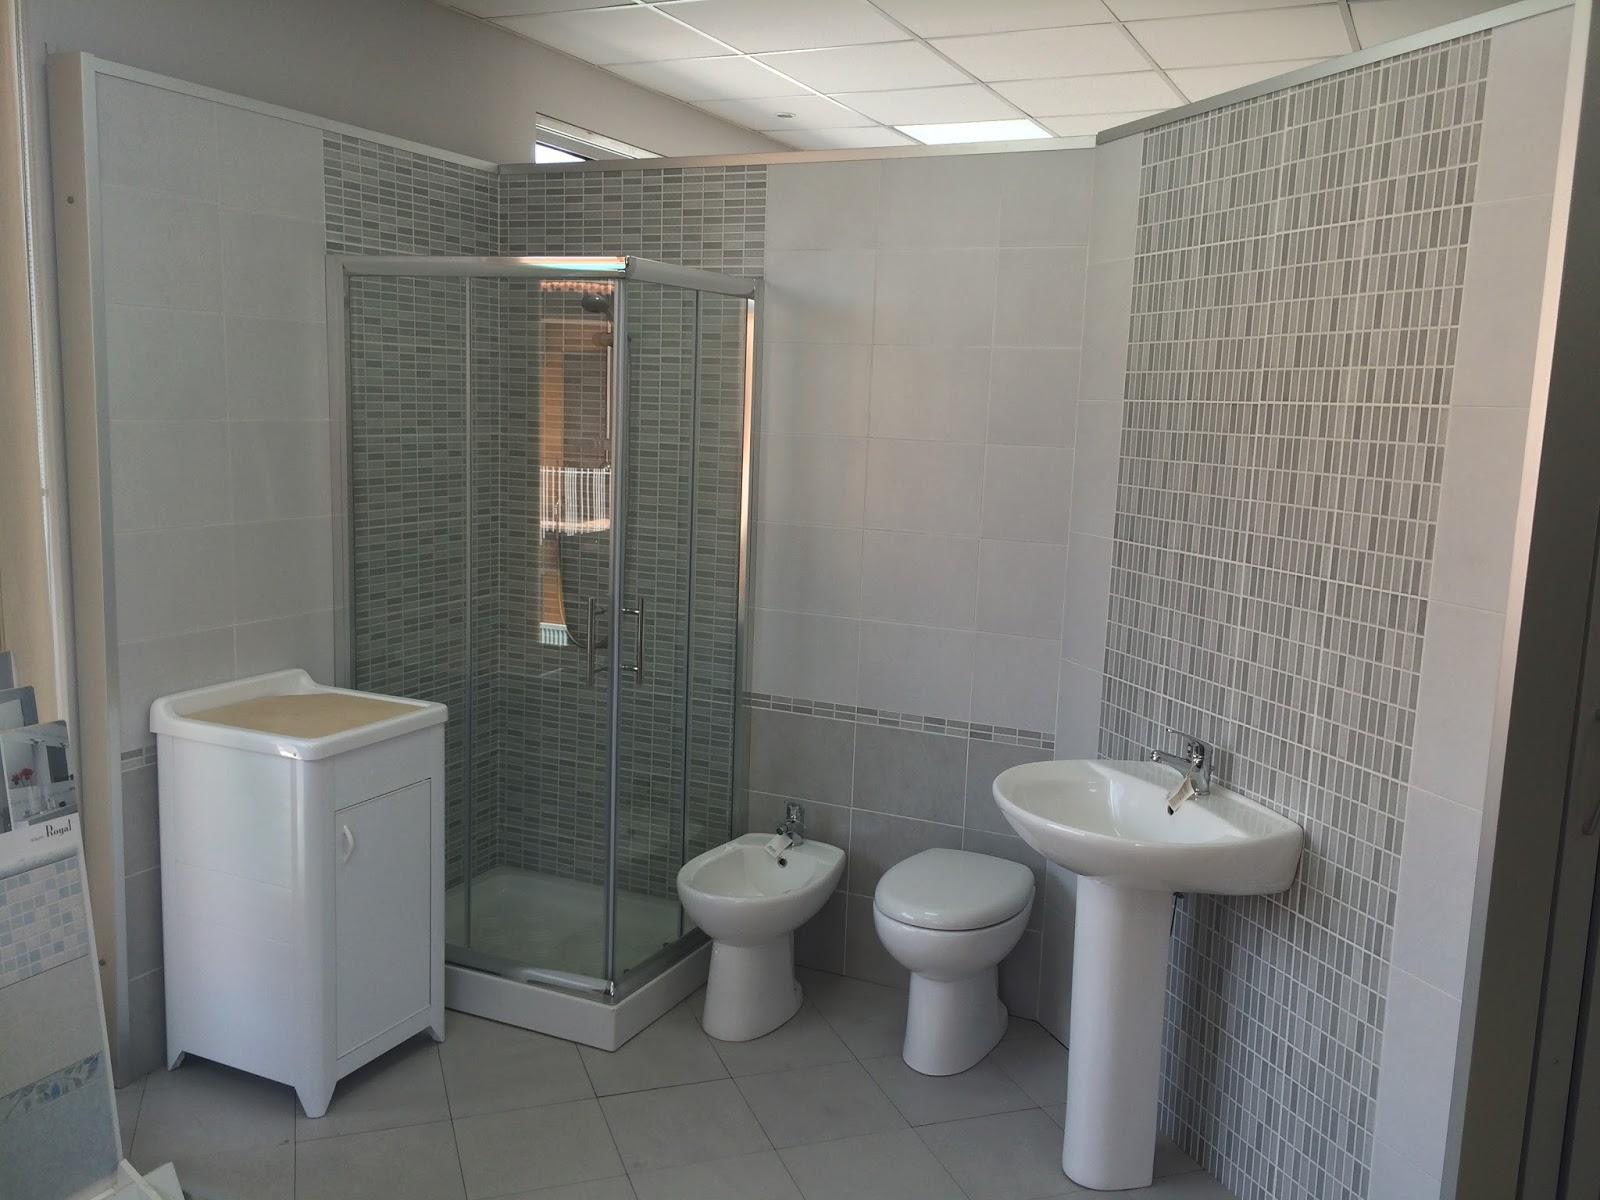 Alla mattonella chic offerta bagno completo - Bagno completo offerte ...